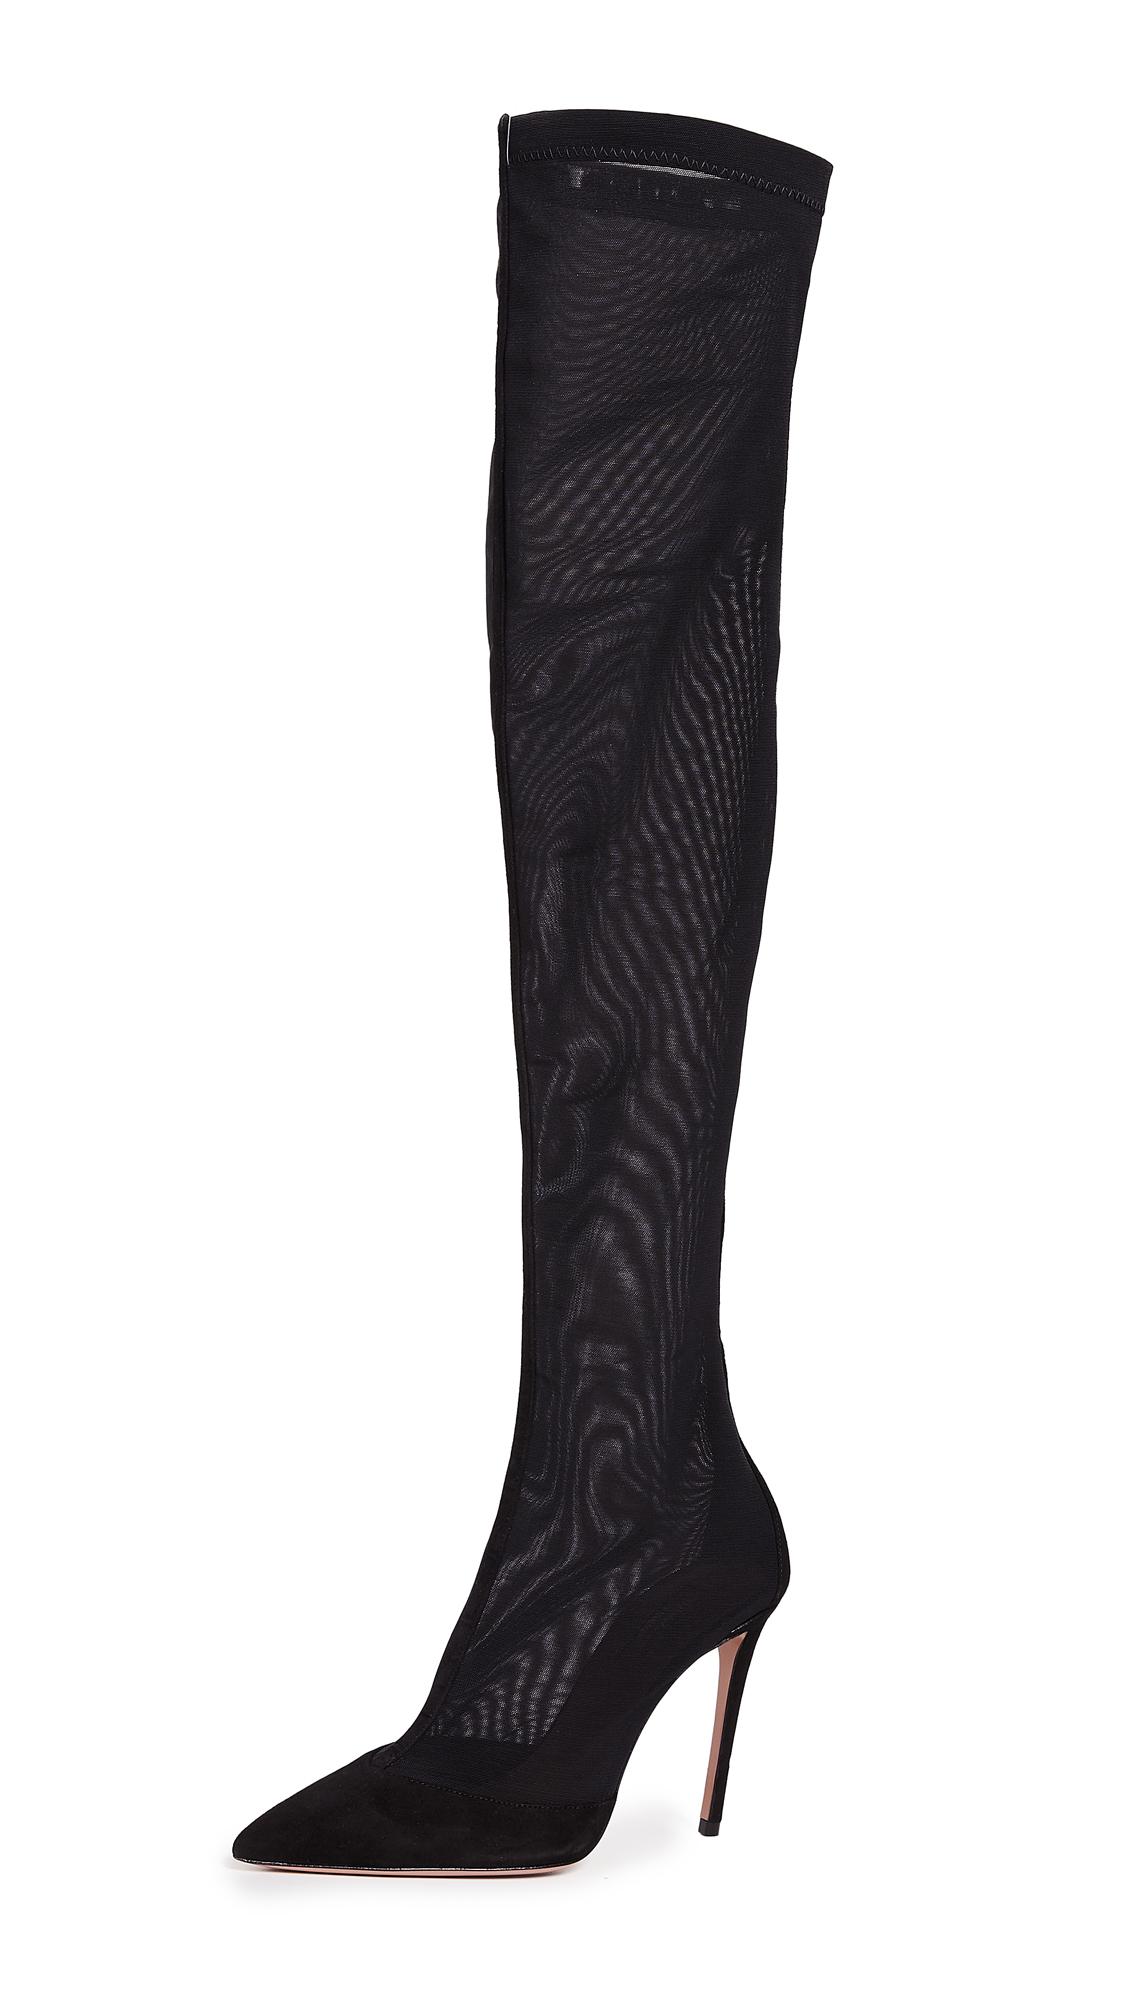 Aquazzura Hot Stuff Over the Knee Boots - Black